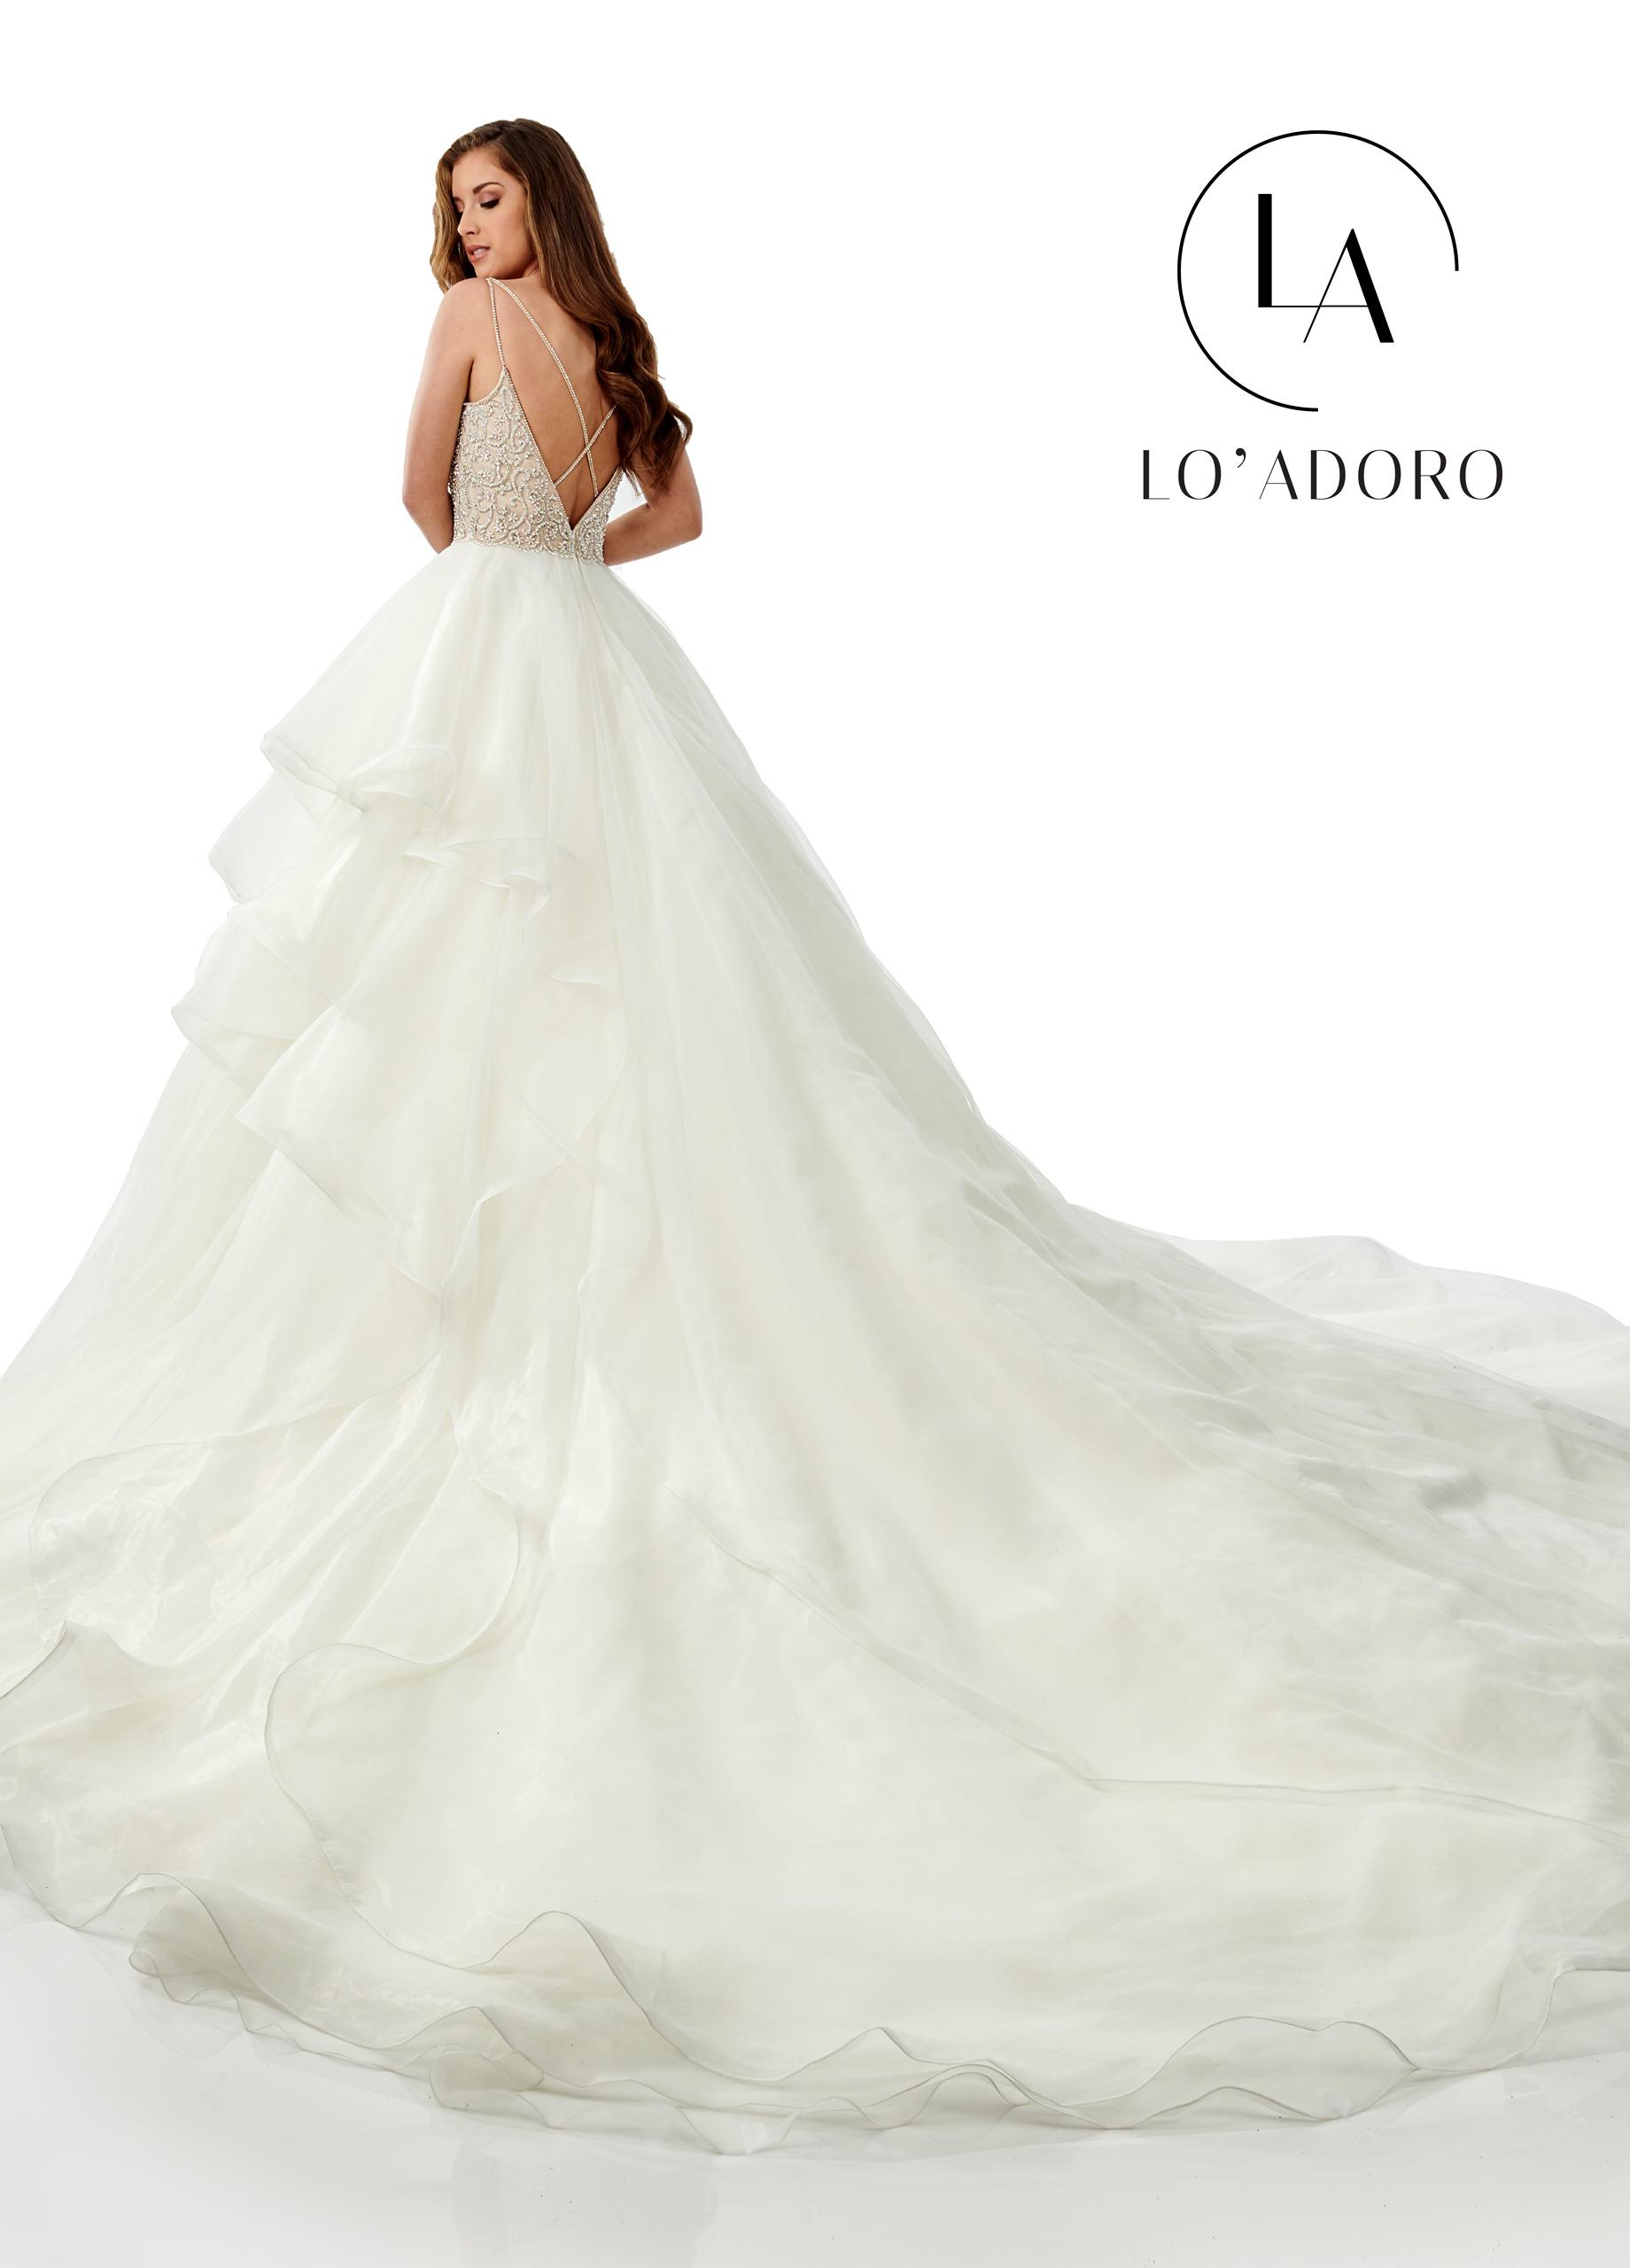 Lo Adoro Bridal Dresses   Lo' Adoro   Style - M747